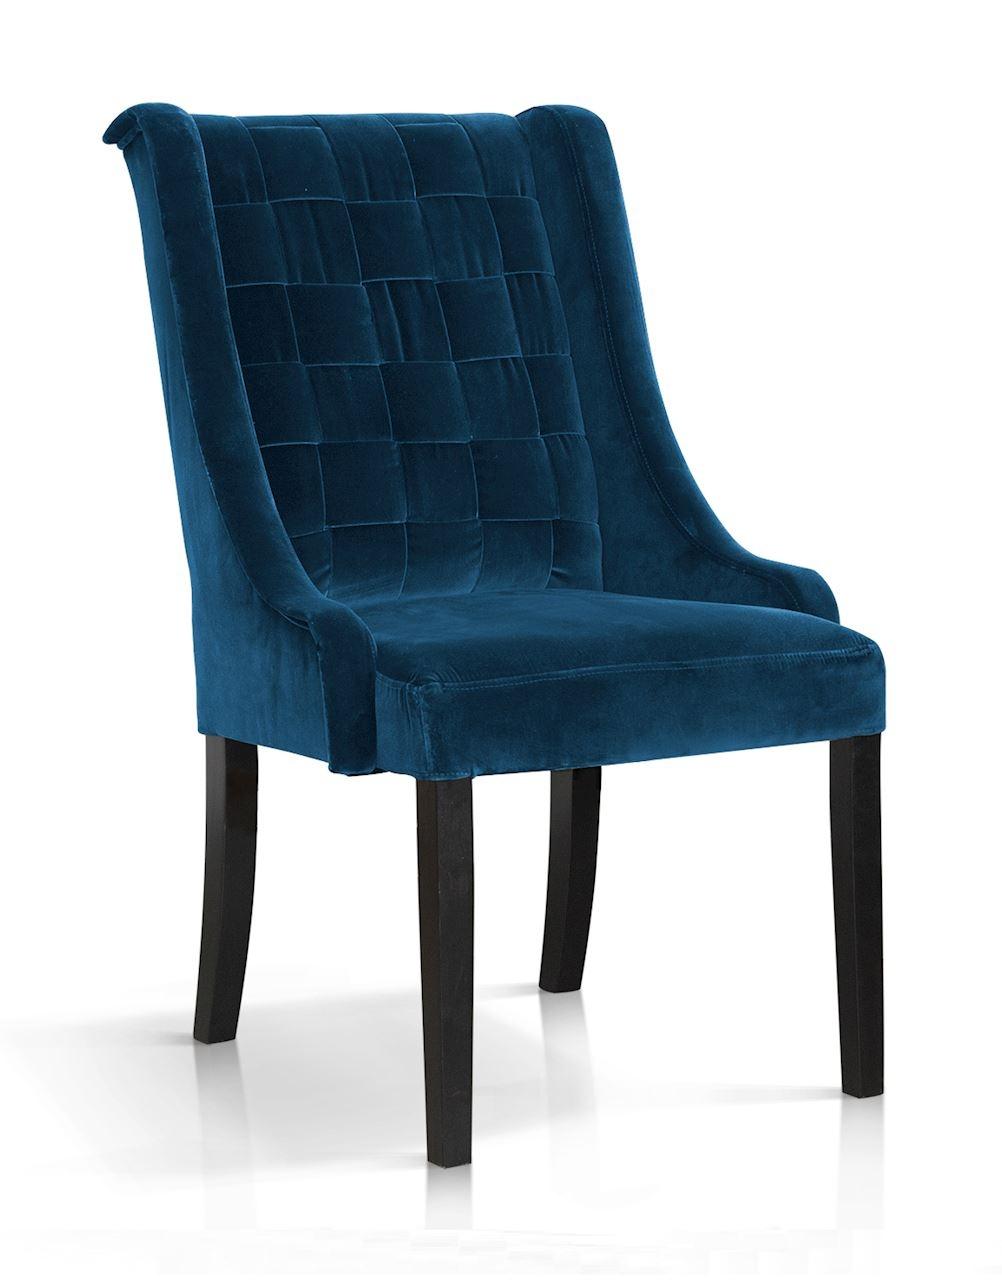 Scaun tapitat cu stofa, cu picioare din lemn Prince Bleumarin / Negru, l55xA70xH105 cm